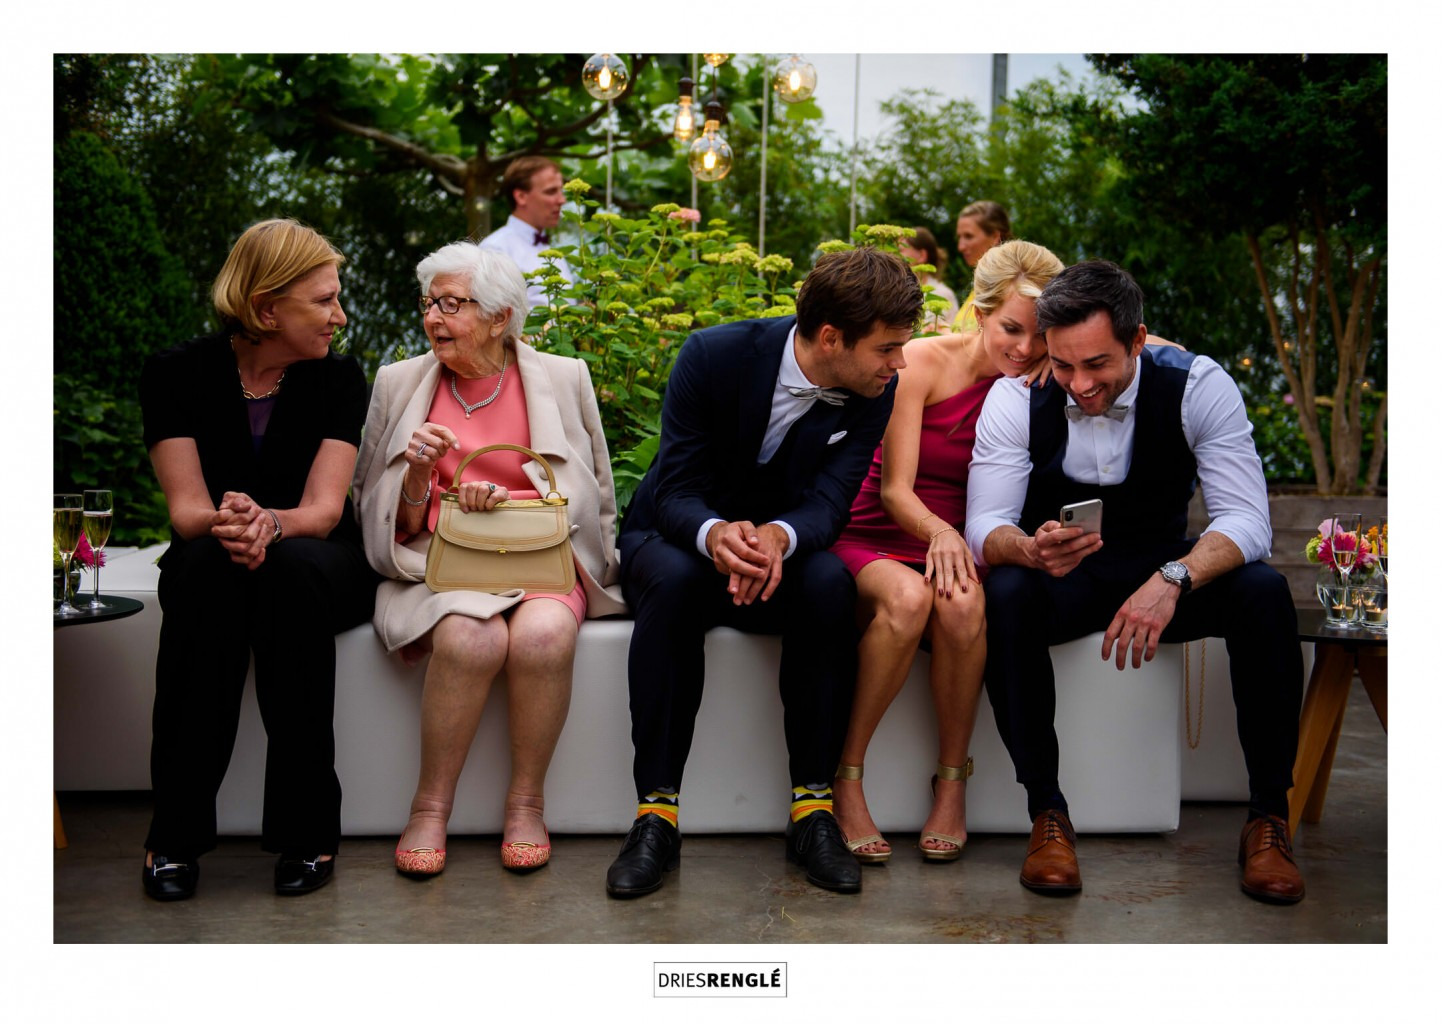 004-jef-cools-feestzaal-huwelijksfotograaf-dries-rengle